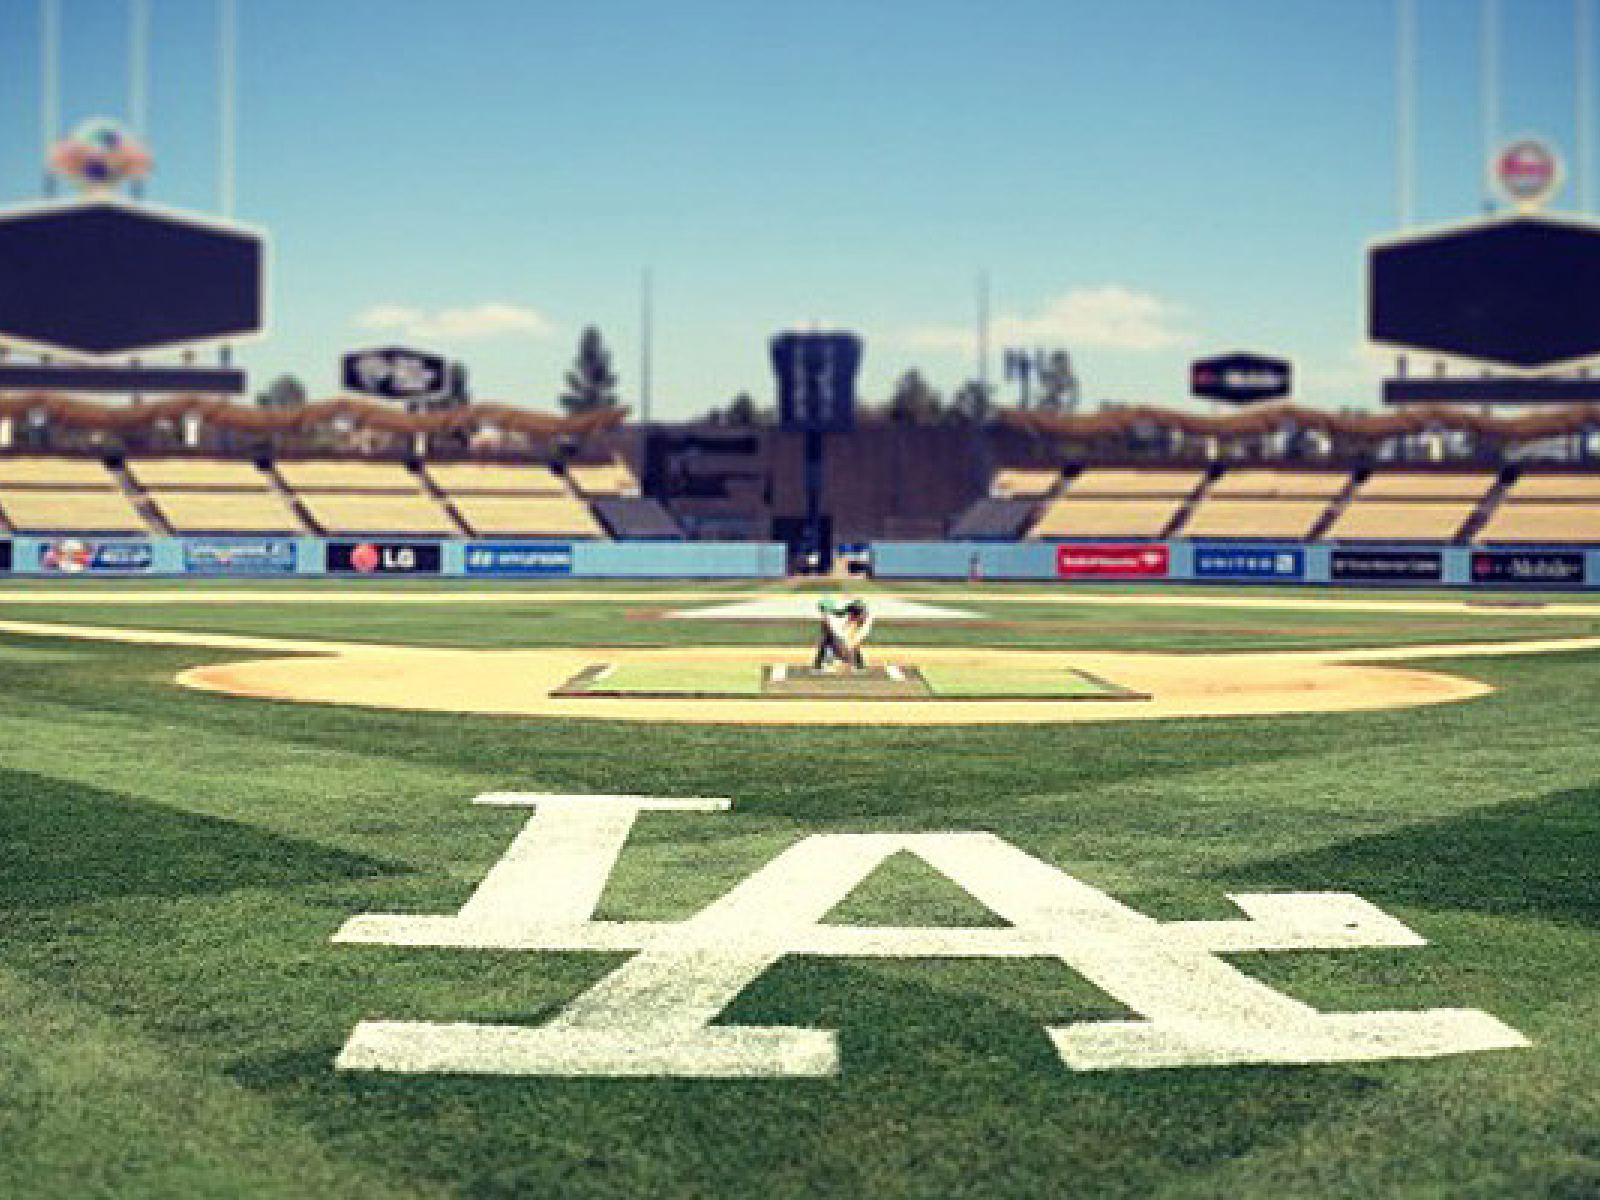 Os Melhores Lugares Esportivos Para Instagram em Los Angeles ... efa1eee6a3bd8